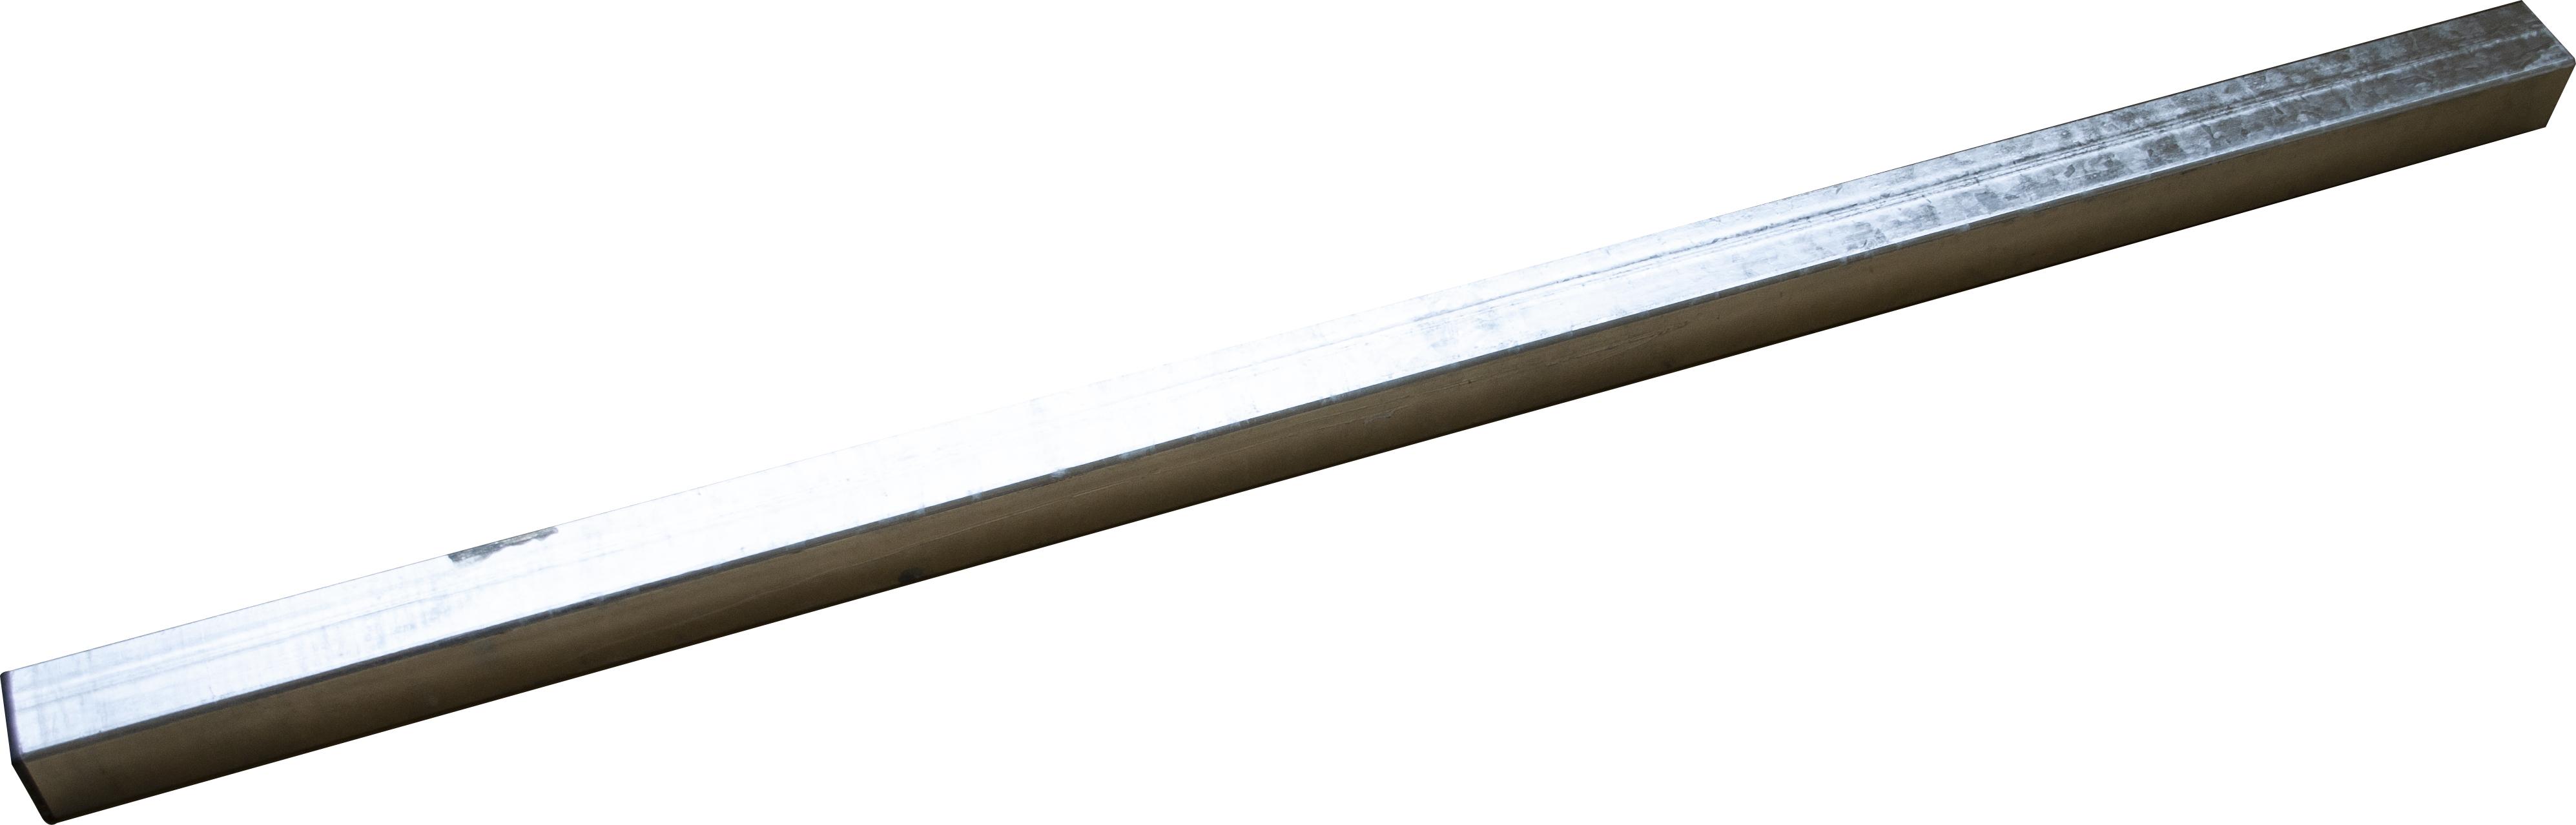 Stütze 60x60mm Länge 1,5m für Materialträgergarnituren SOLID und Standard